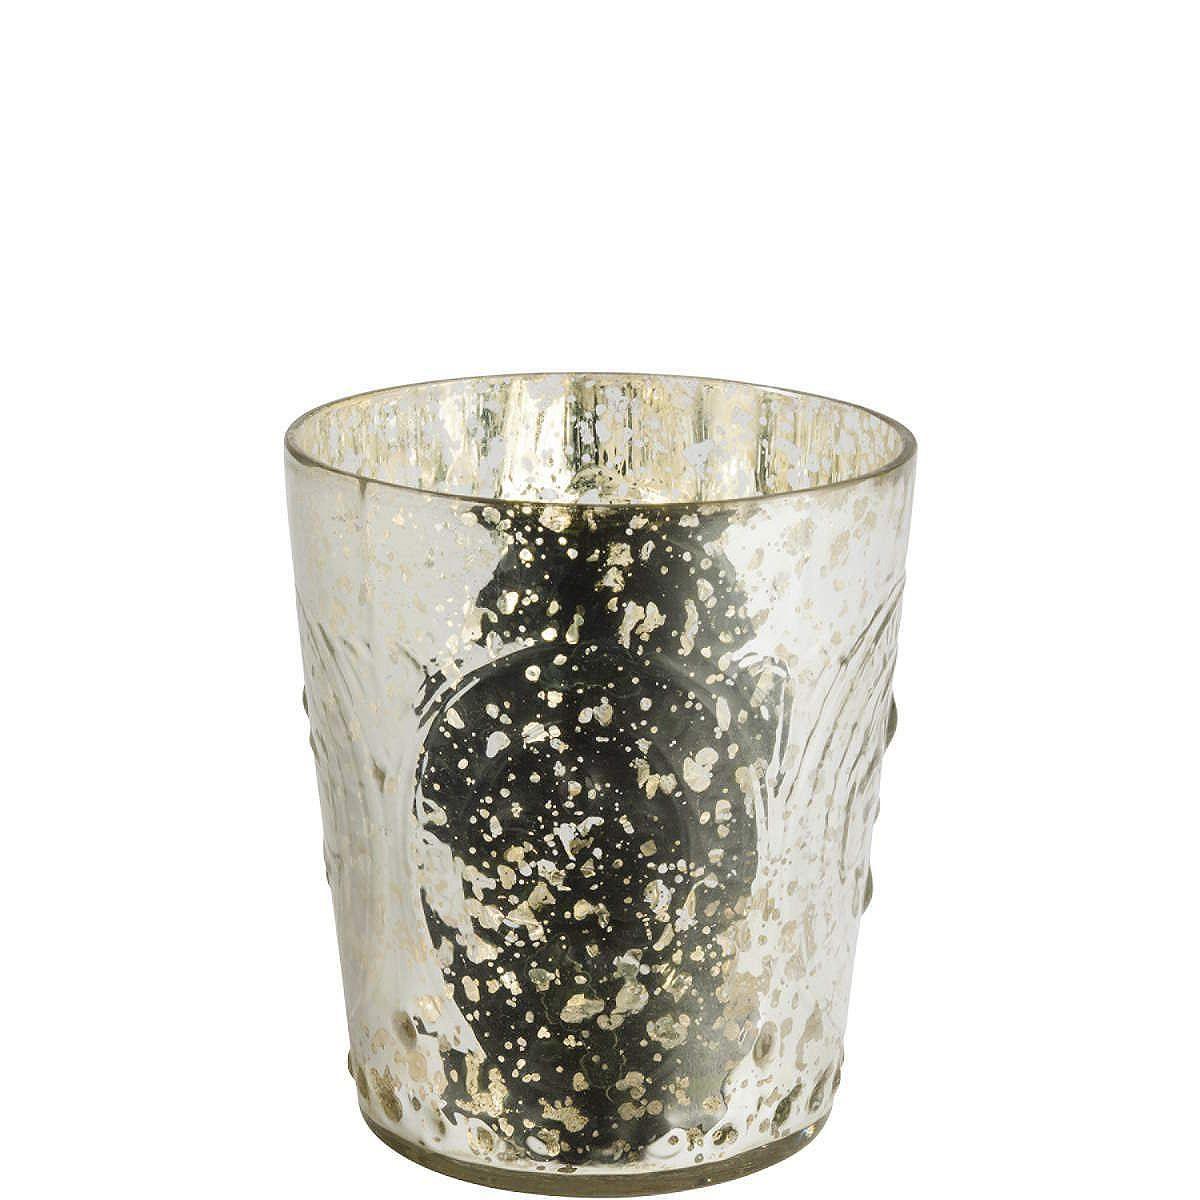 DELIGHT Teelichthalter Wappen    Die Delight Motive und Teelichthalter machen Kerzenlicht zum reinsten Vergnügen. Mit viel Abwechslung in Form, Farbe und Dekor erscheint Ihr Zuhause jedes mal in einem neuem Licht. Jetzt heißt es für Sie: Losstöbern und zündende Ideen finden. Teelichthalter aus Glas.    Größe: Höhe ca. 8,5 cm, Ø ca. 6 cm  Material: Glas  RAKUTEN_TITEL: Teelicht Windlicht Kerze K...